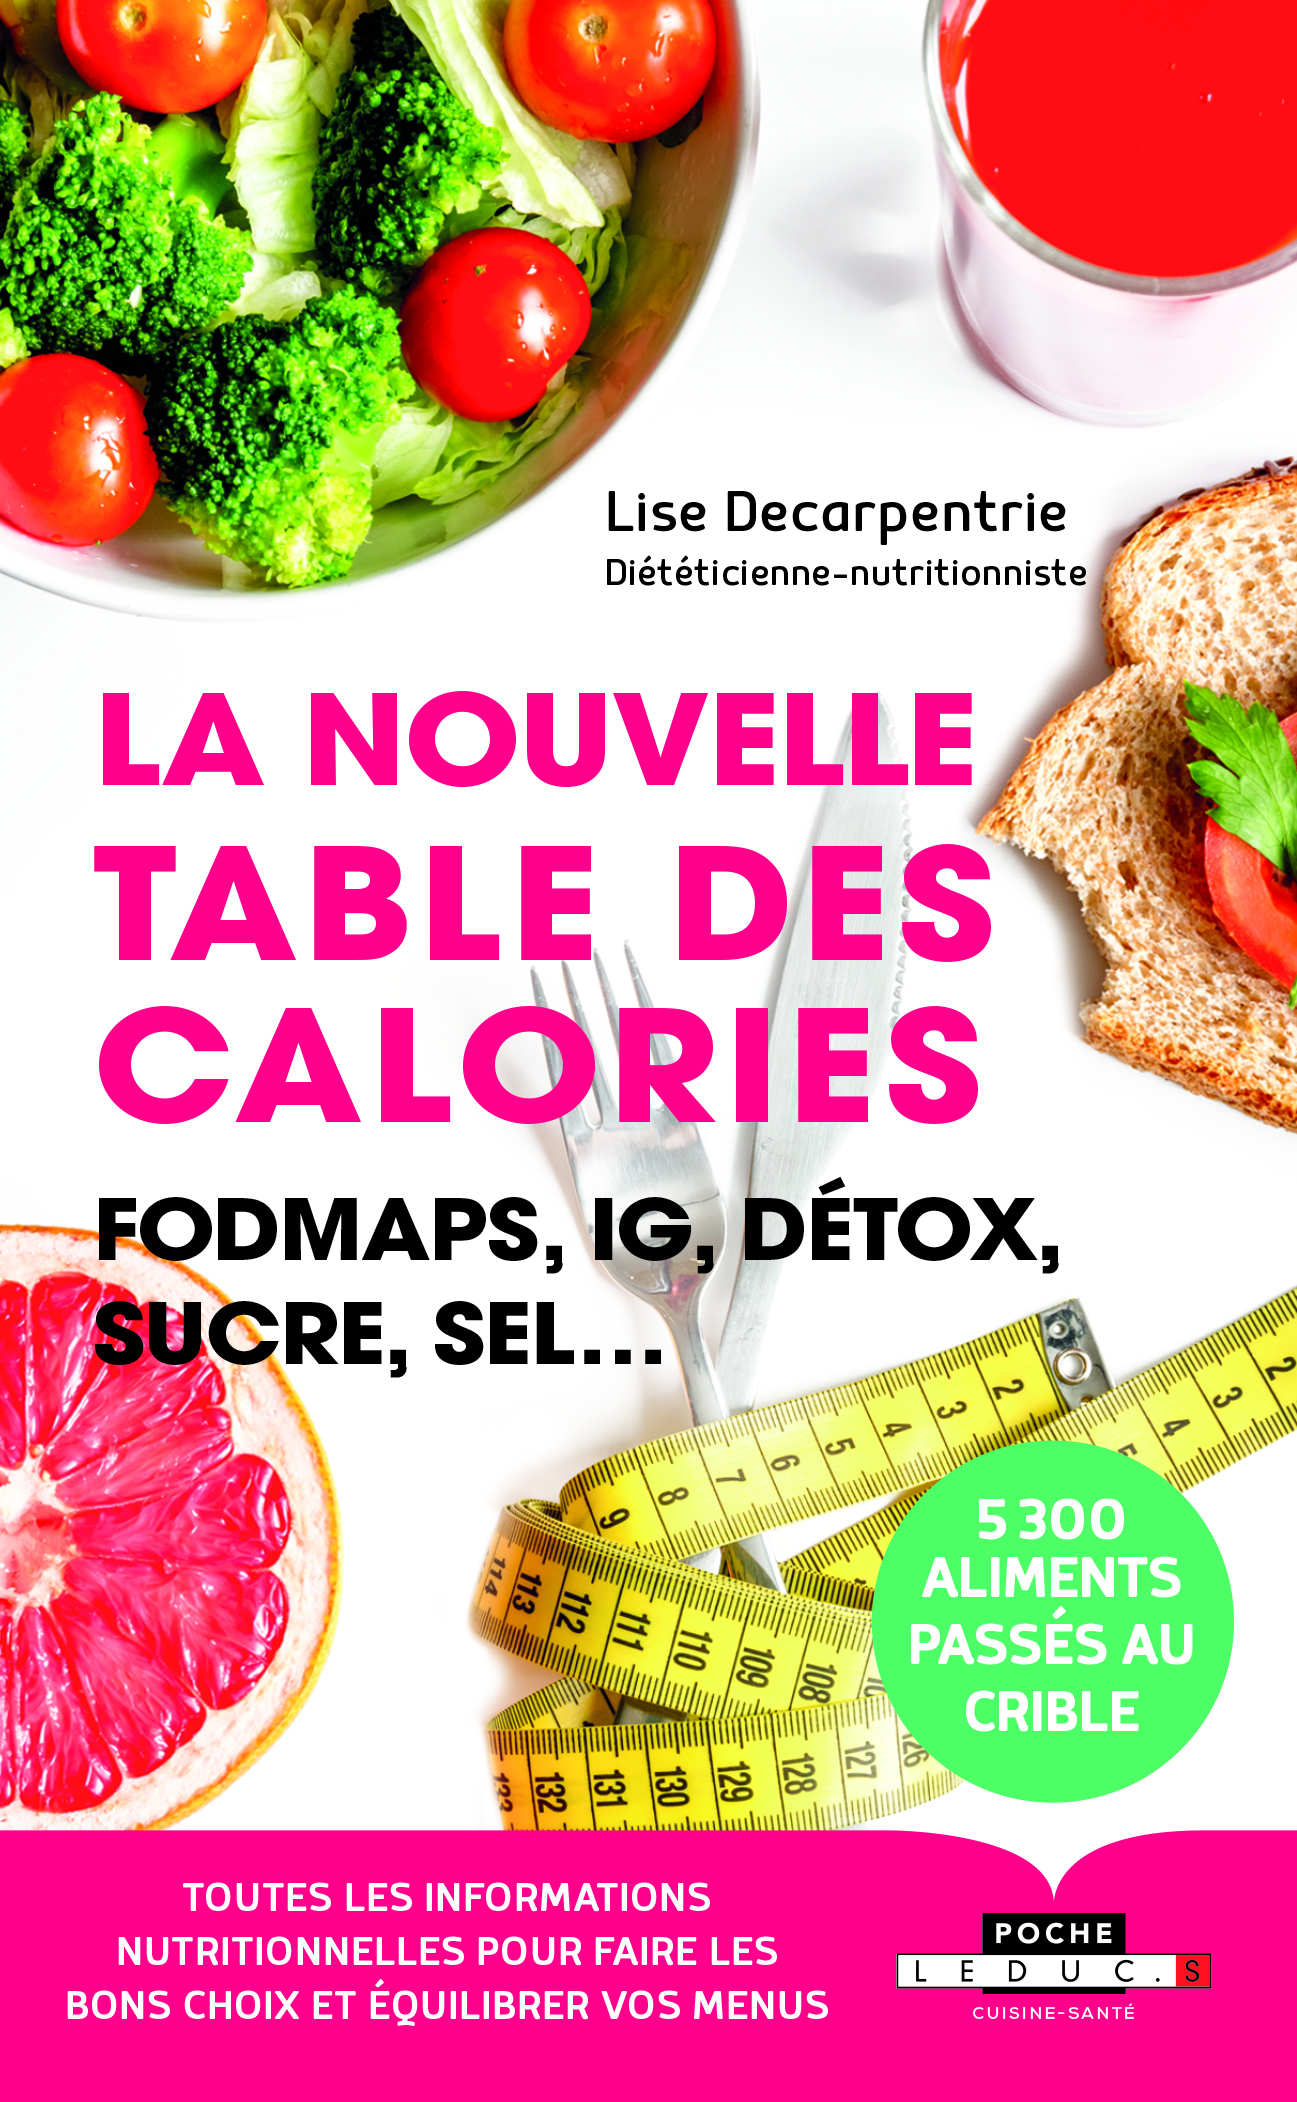 NOUVELLE TABLE DES CALORIES (LA)